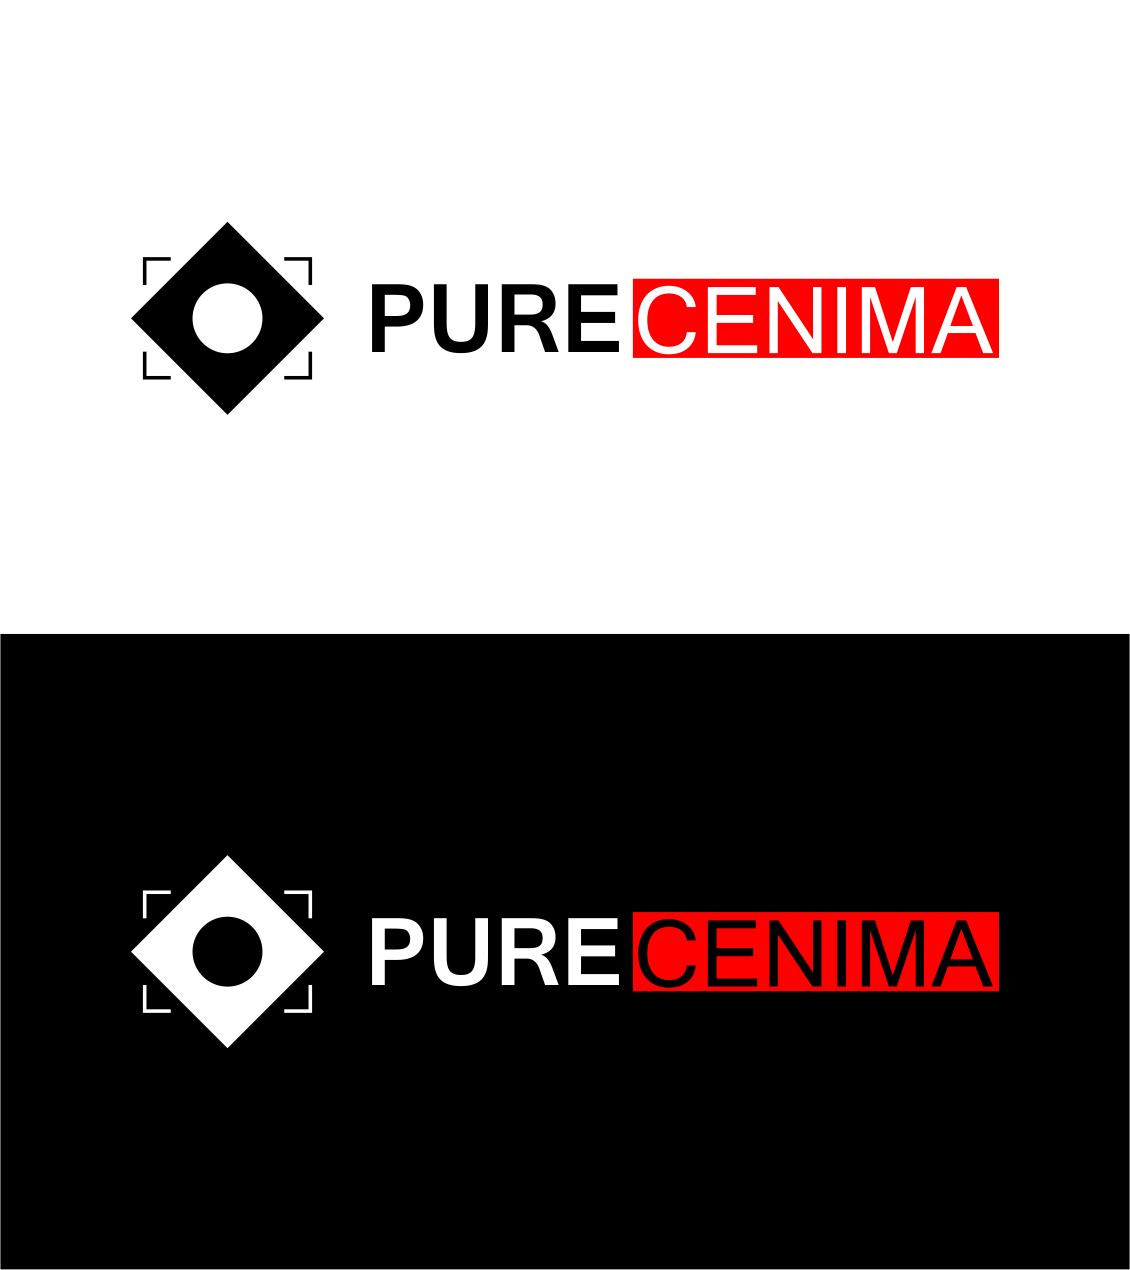 Logo Design by Agus Martoyo - Entry No. 102 in the Logo Design Contest Imaginative Logo Design for Pure Cinema.